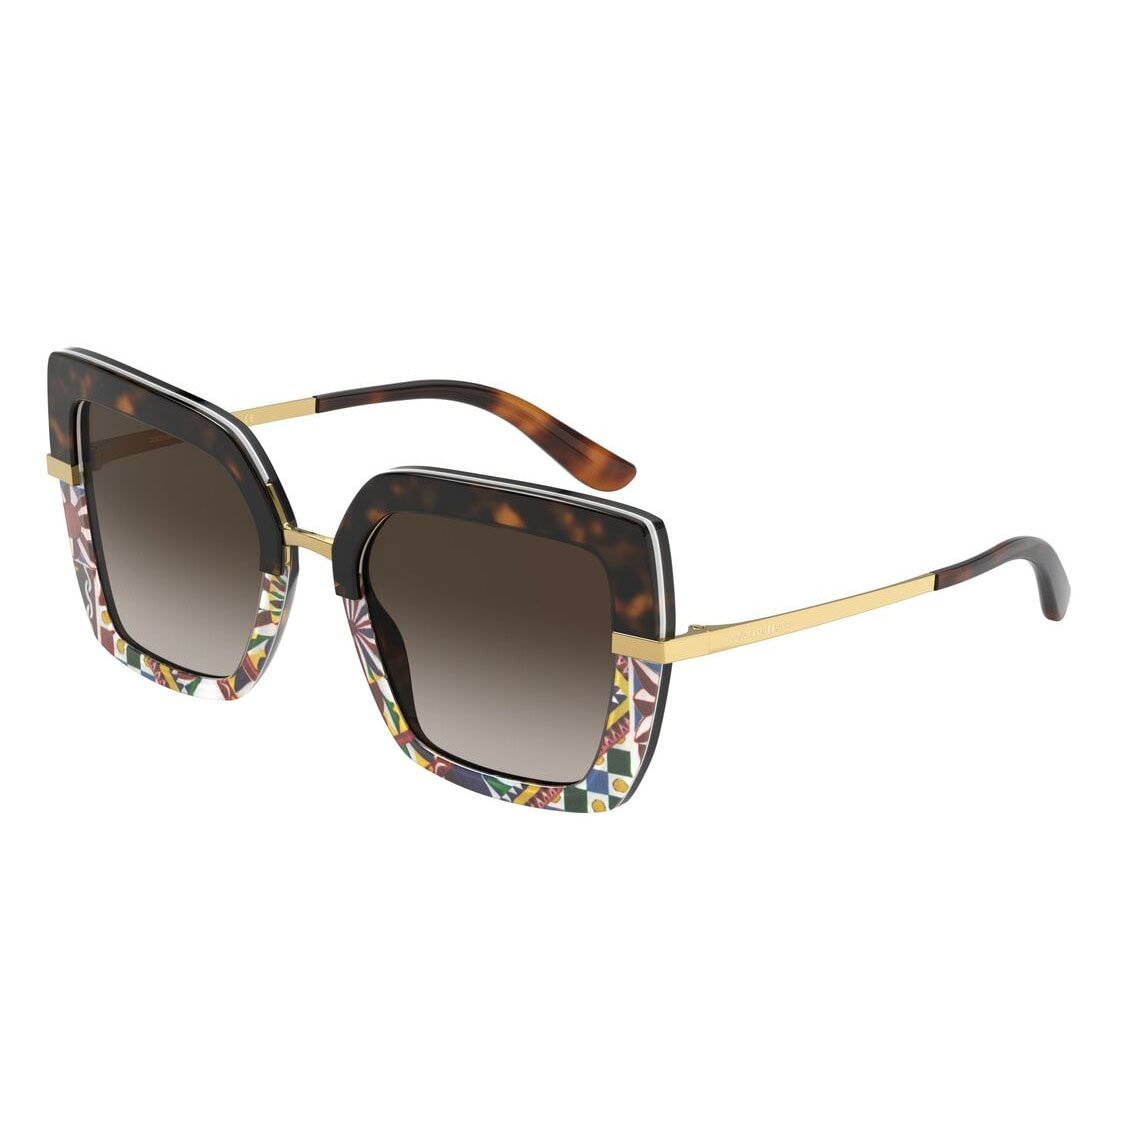 Dolce & Gabbana DG4373 327813 5221